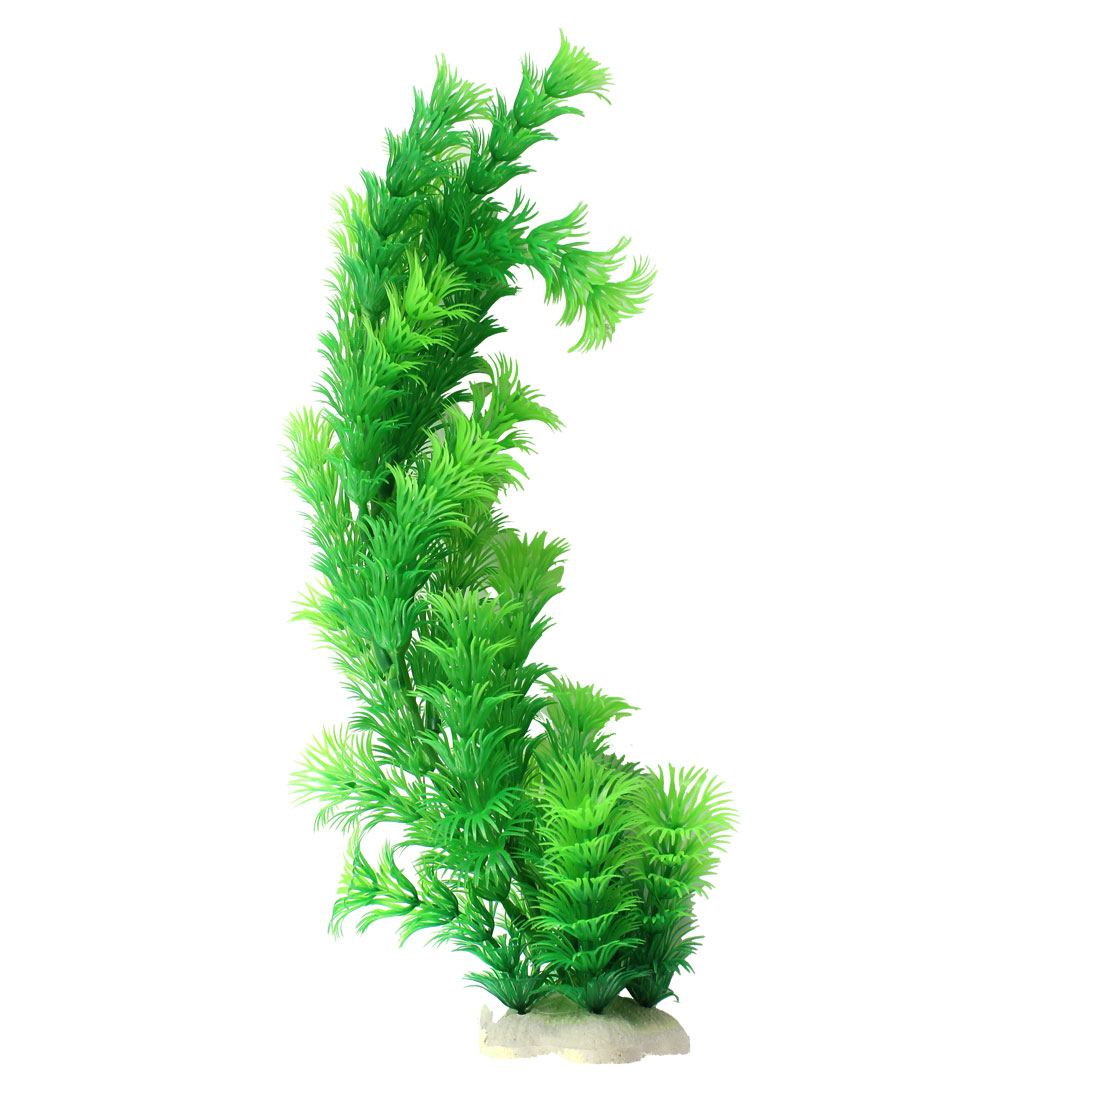 Aquarium Decor Green Emulational Plastic Underwater Grass 32cm High